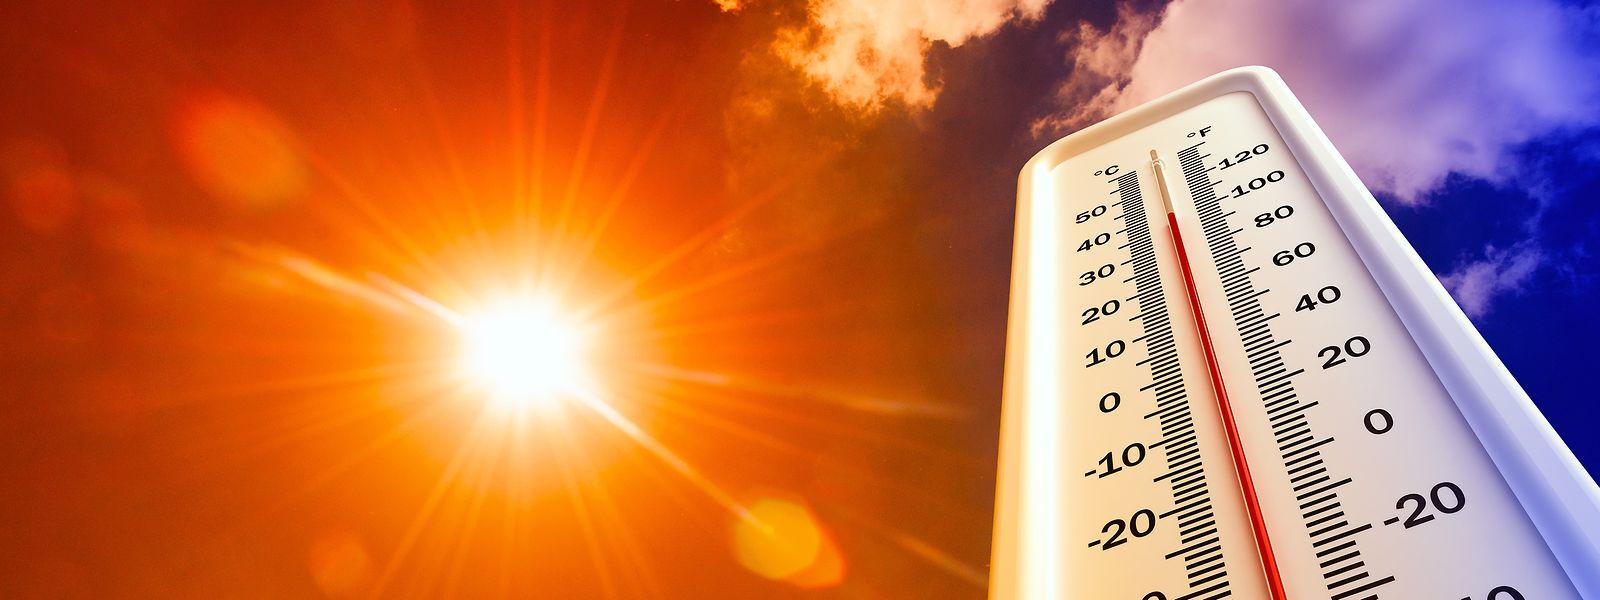 Der globale Temperaturanstieg geht fast ungebremst weiter.